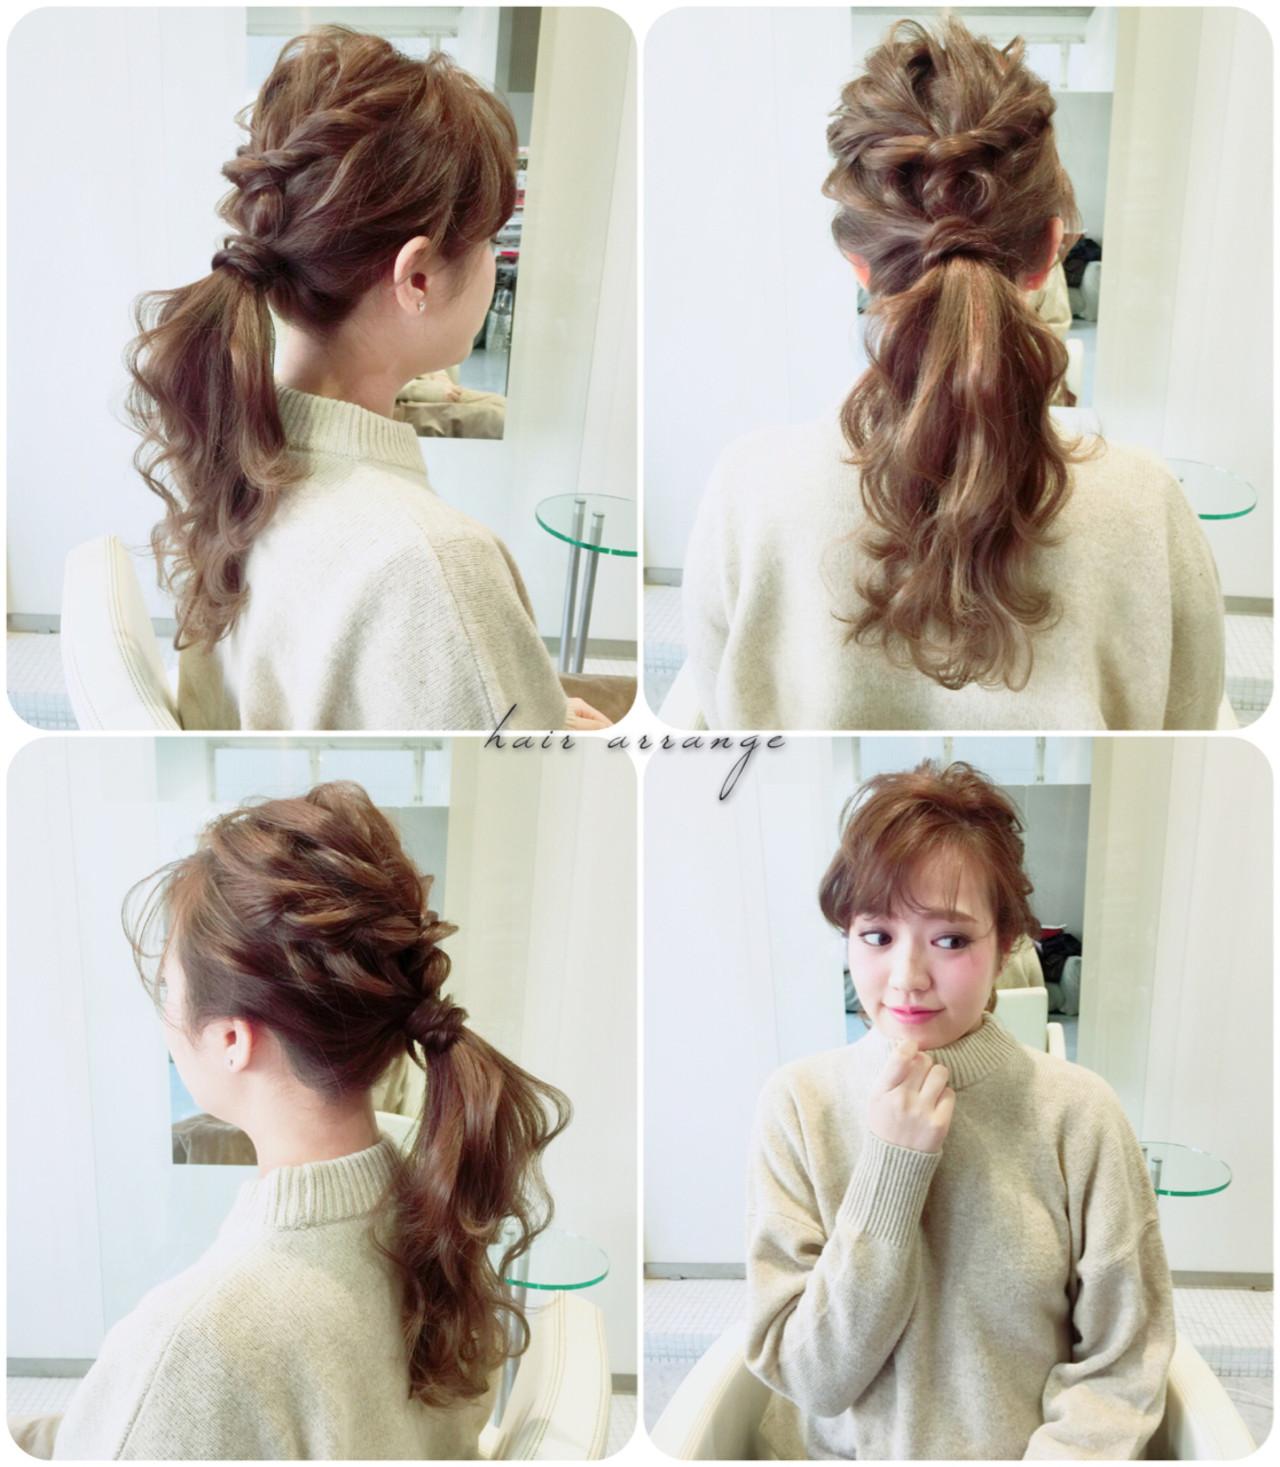 トップをツイストして、 襟足の髪の毛を結んでバランスよく整えたら完成。